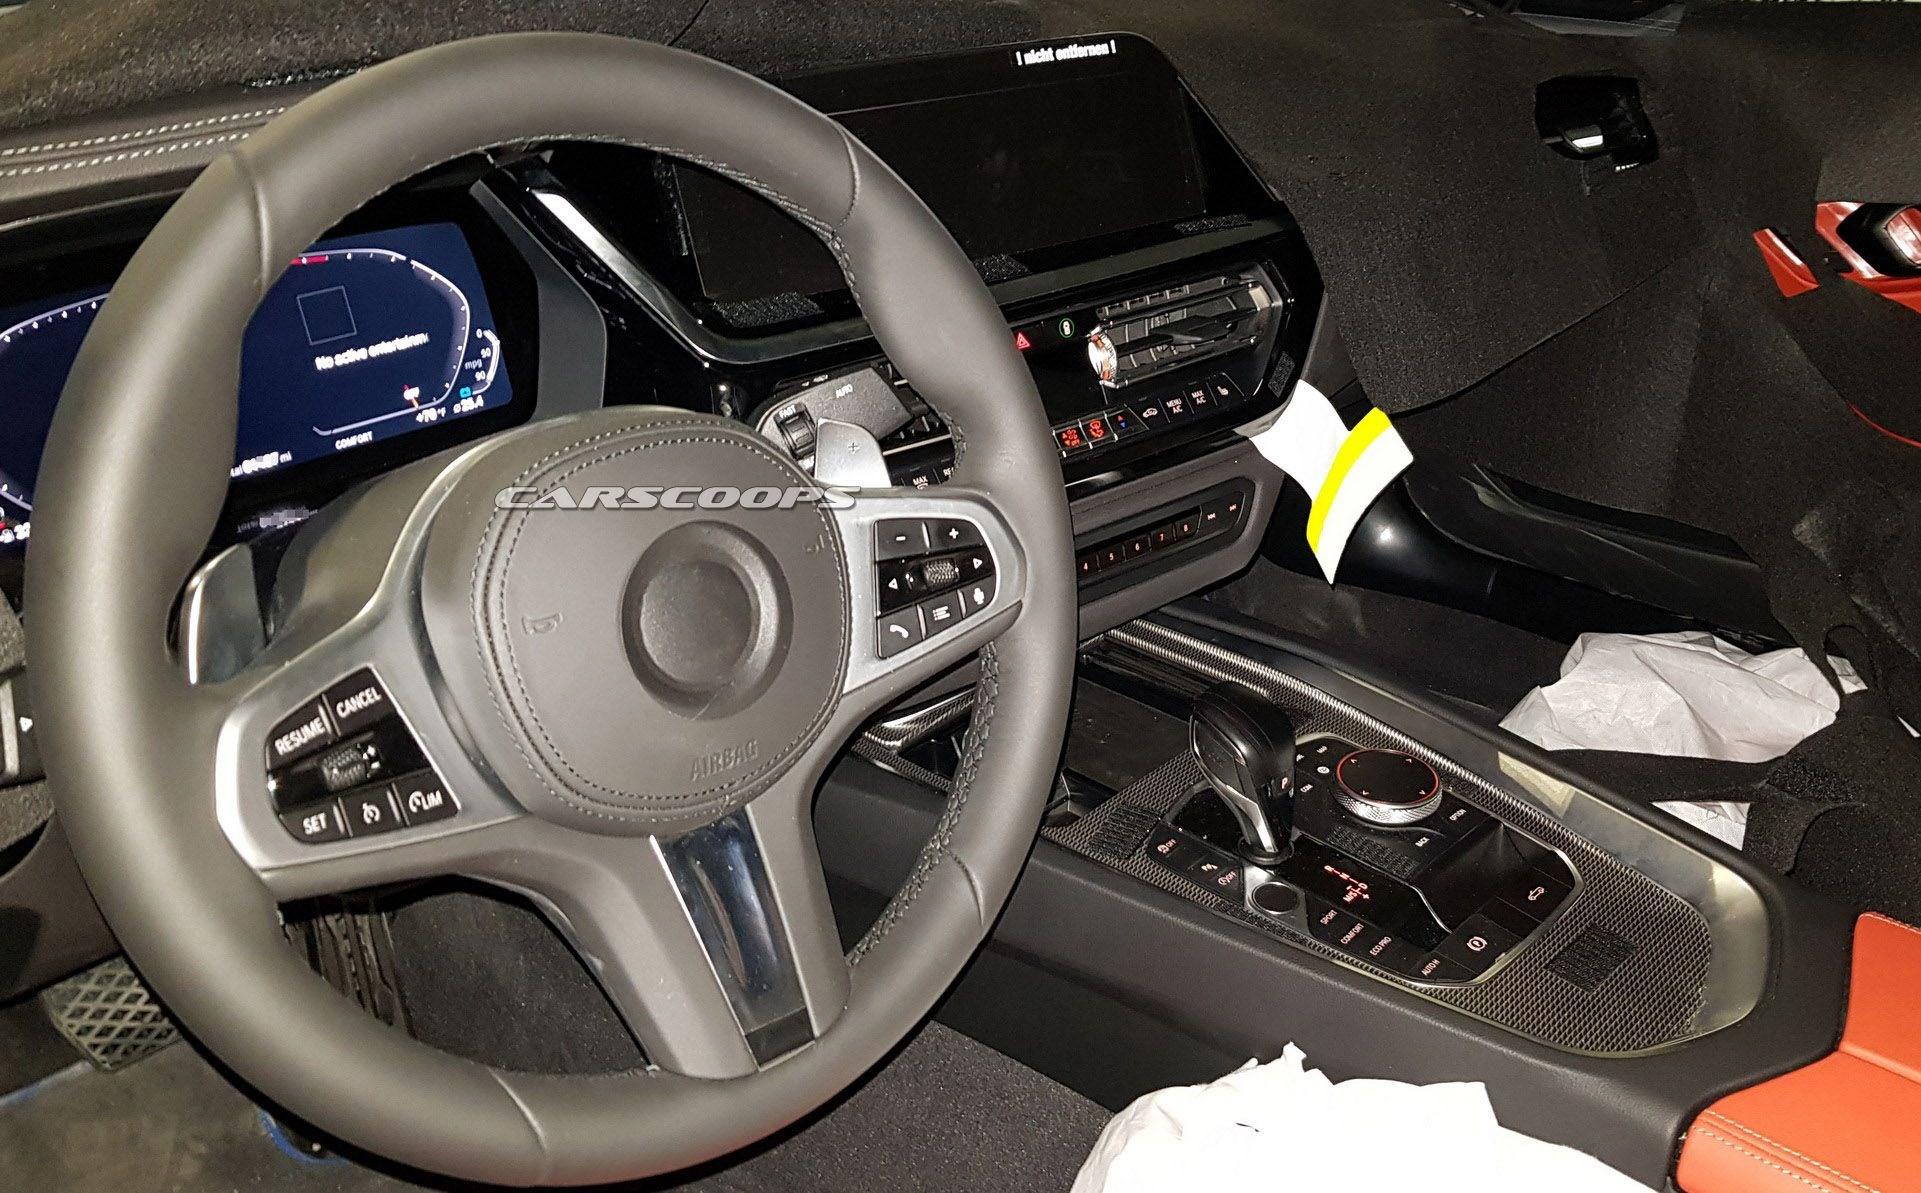 正文   易车讯 近日,我们从海外媒体获得了一组宝马z4测试车辆的内饰